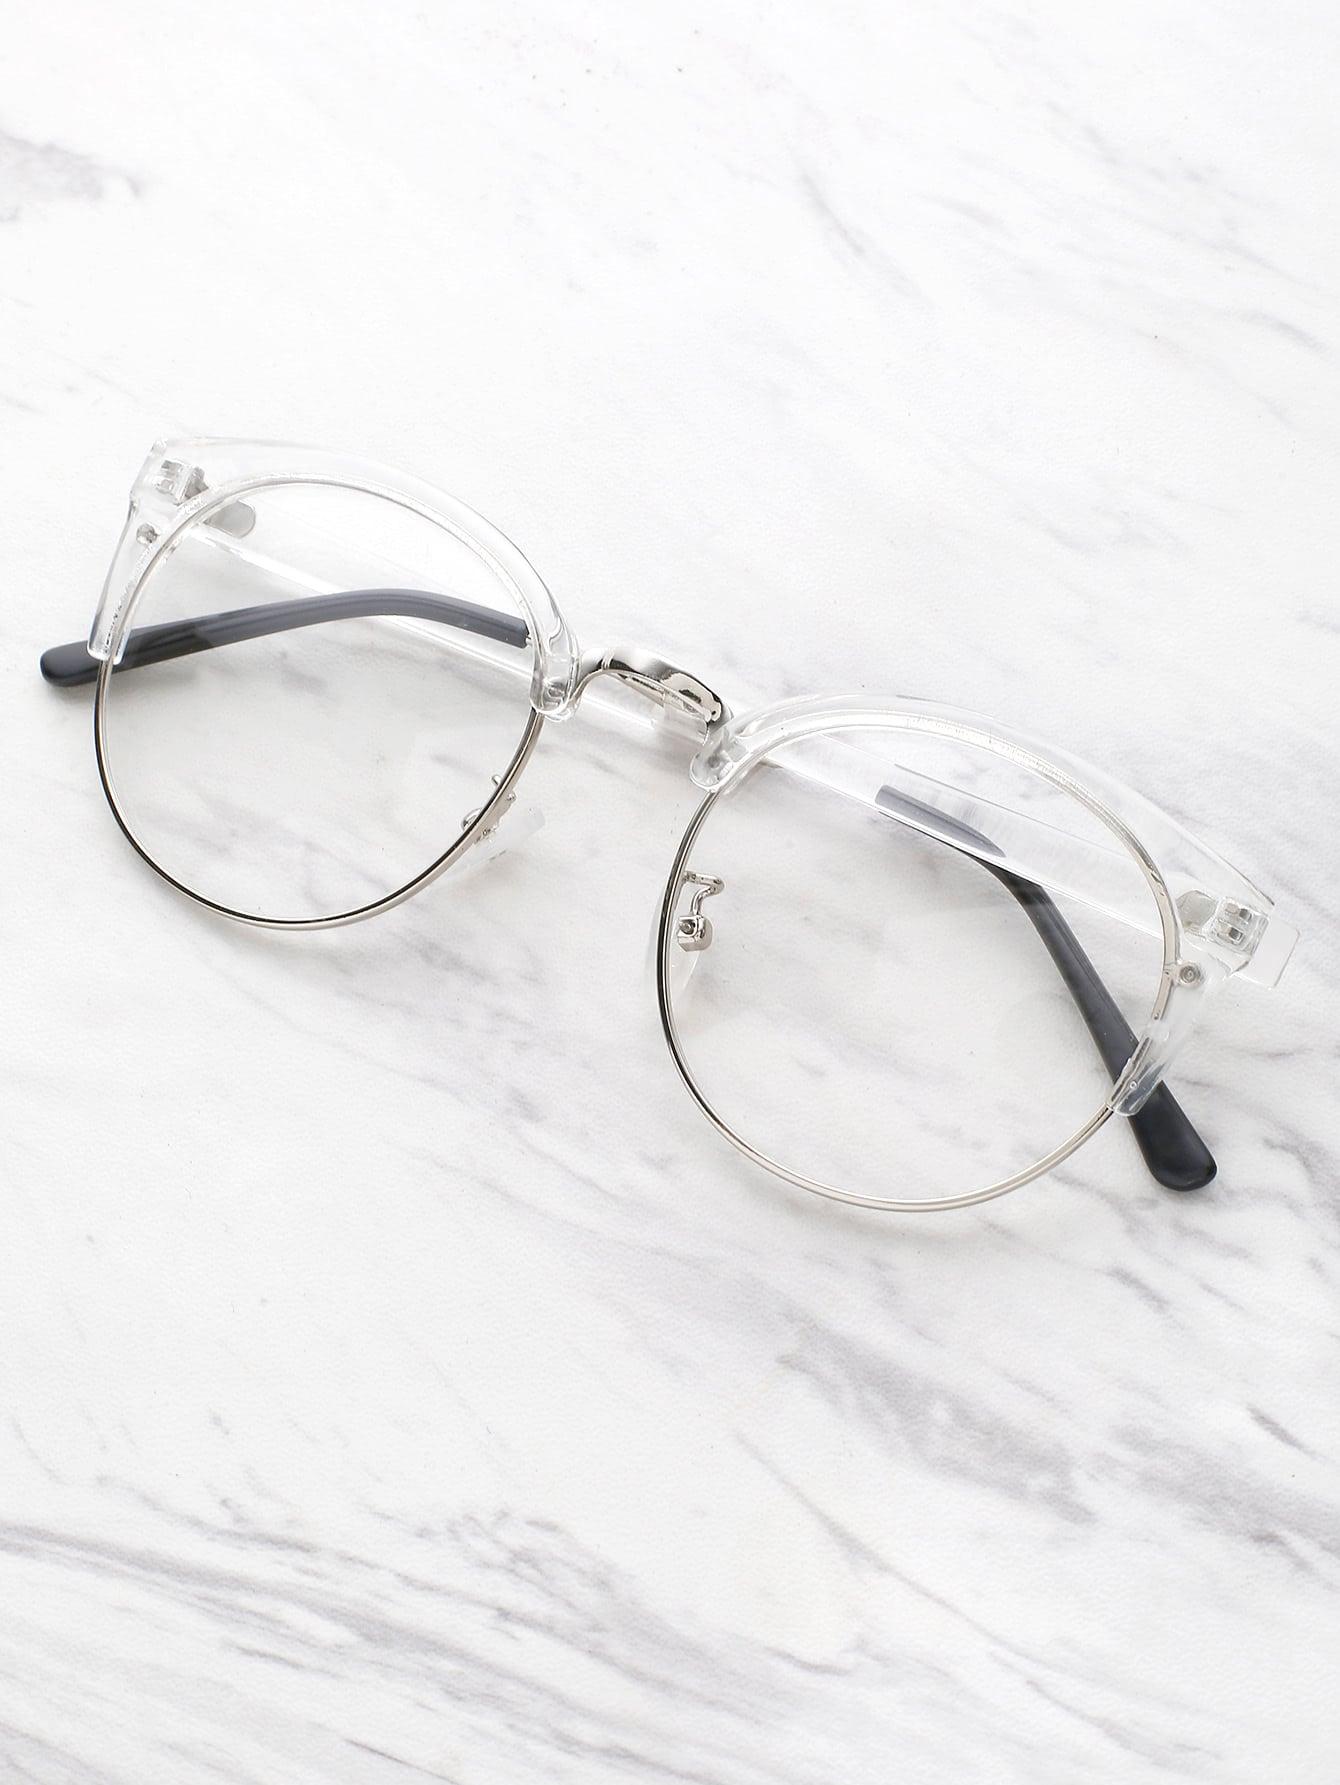 sunglass170419302_2 - White Frame Glasses